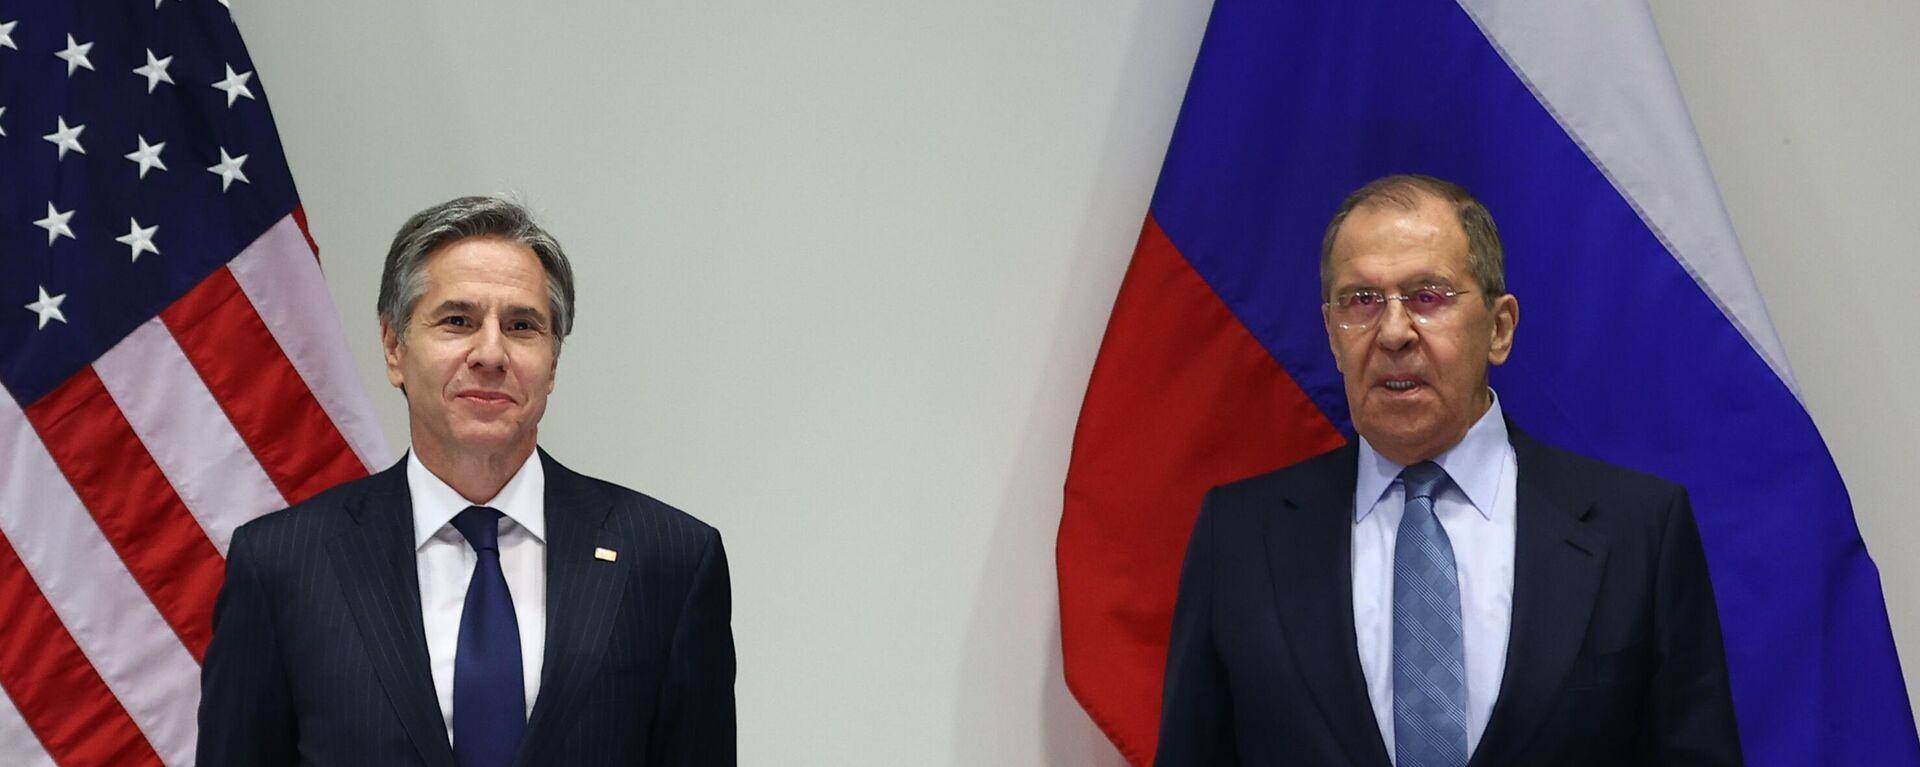 Il ministro degli Esteri russo Sergey Lavrov e il segretario di Stato degli USA Antony Blinken - Sputnik Italia, 1920, 16.08.2021